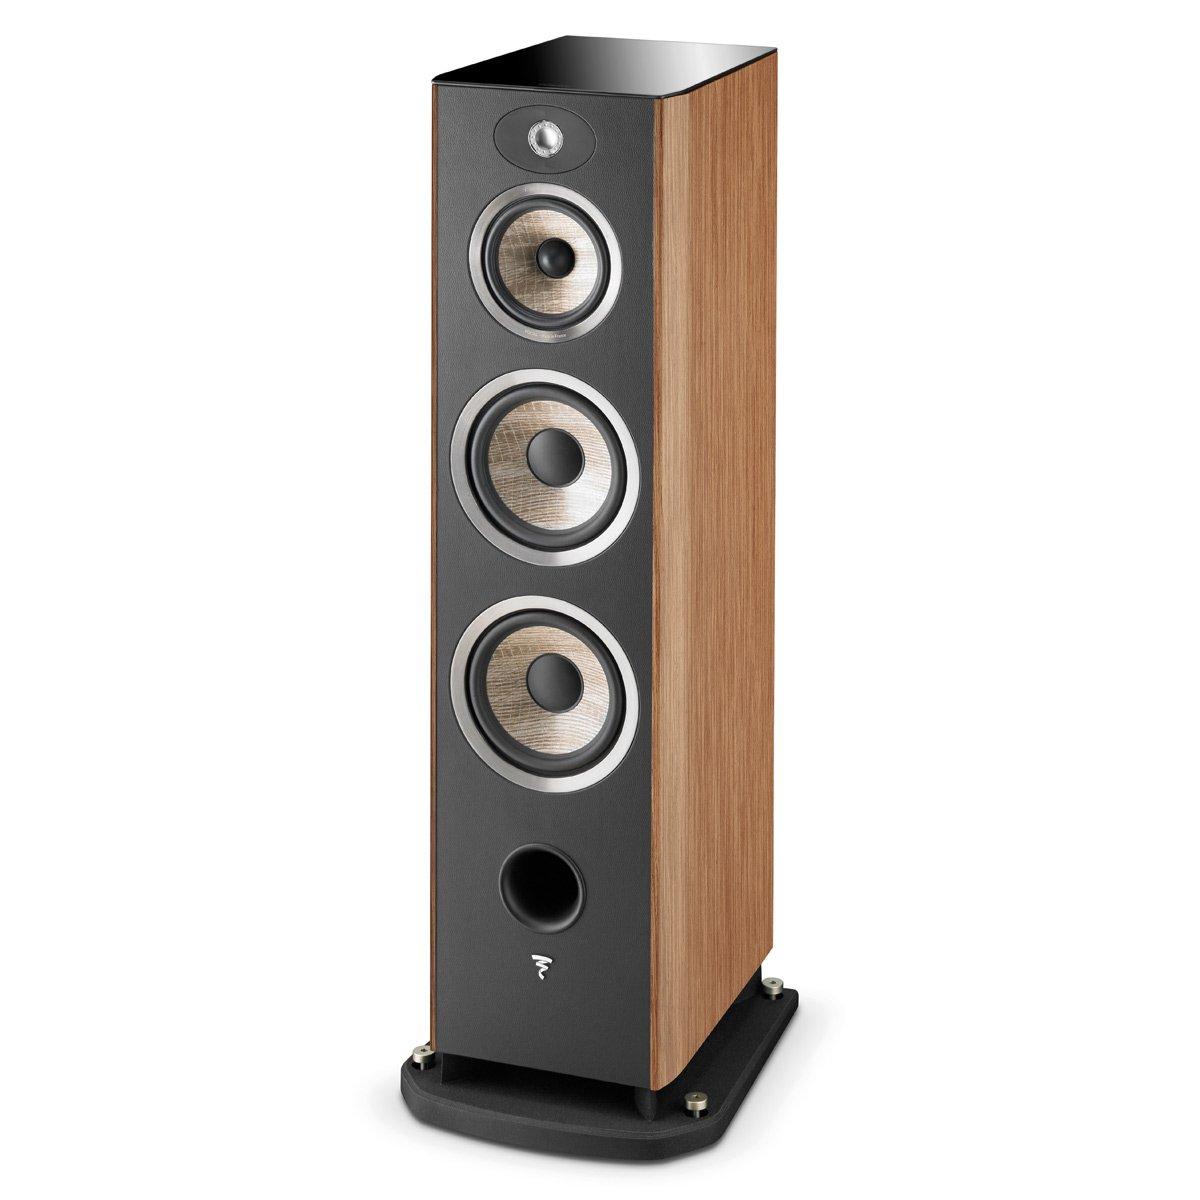 Amazon com: Focal Aria 948 3-Way Bass-Reflex Floorstanding Speakers